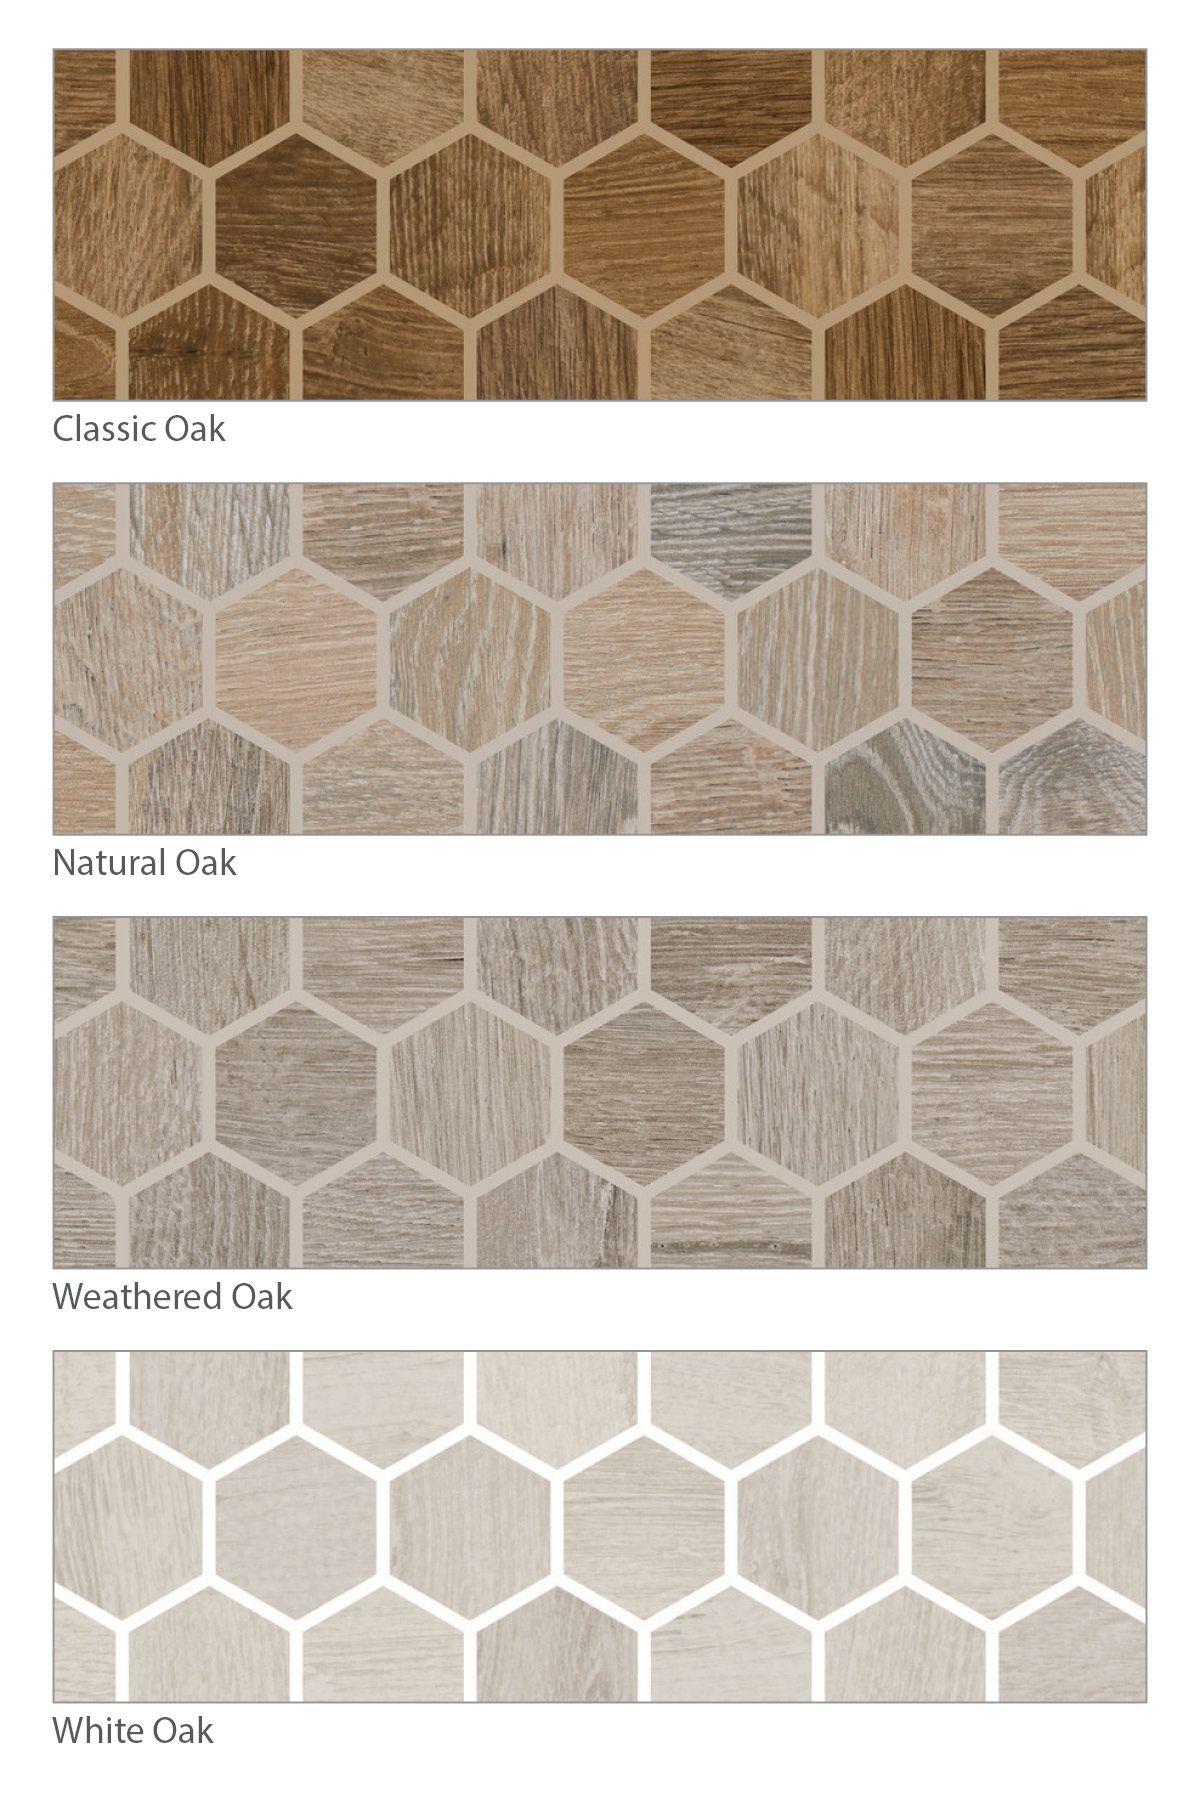 American Olean Waterwood Olean Hexagonal Mosaic Tile Companies